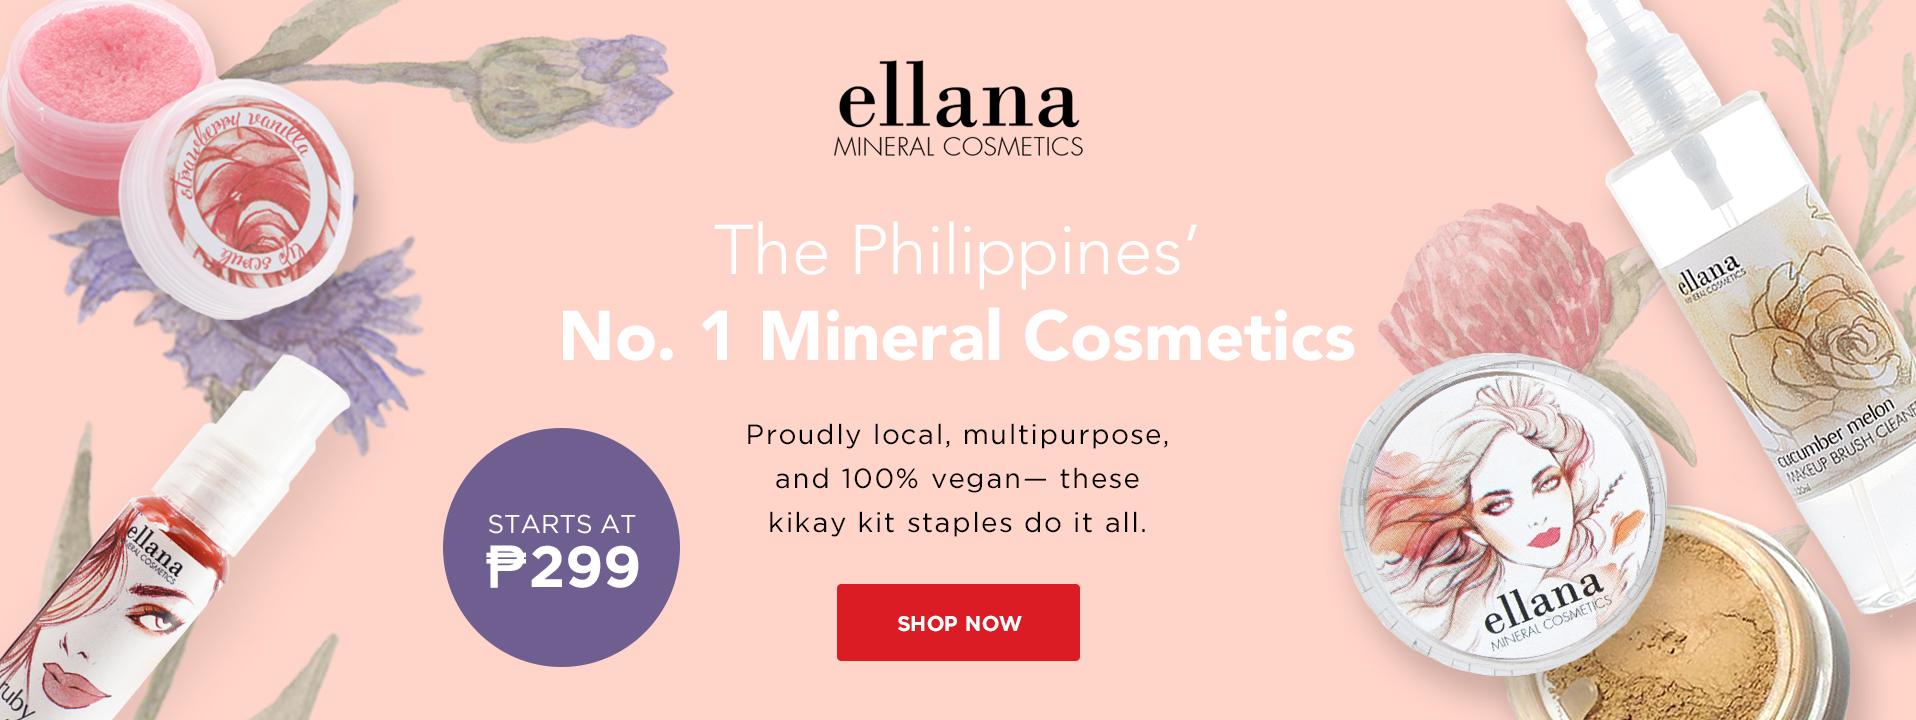 New Arrivals: Ellana